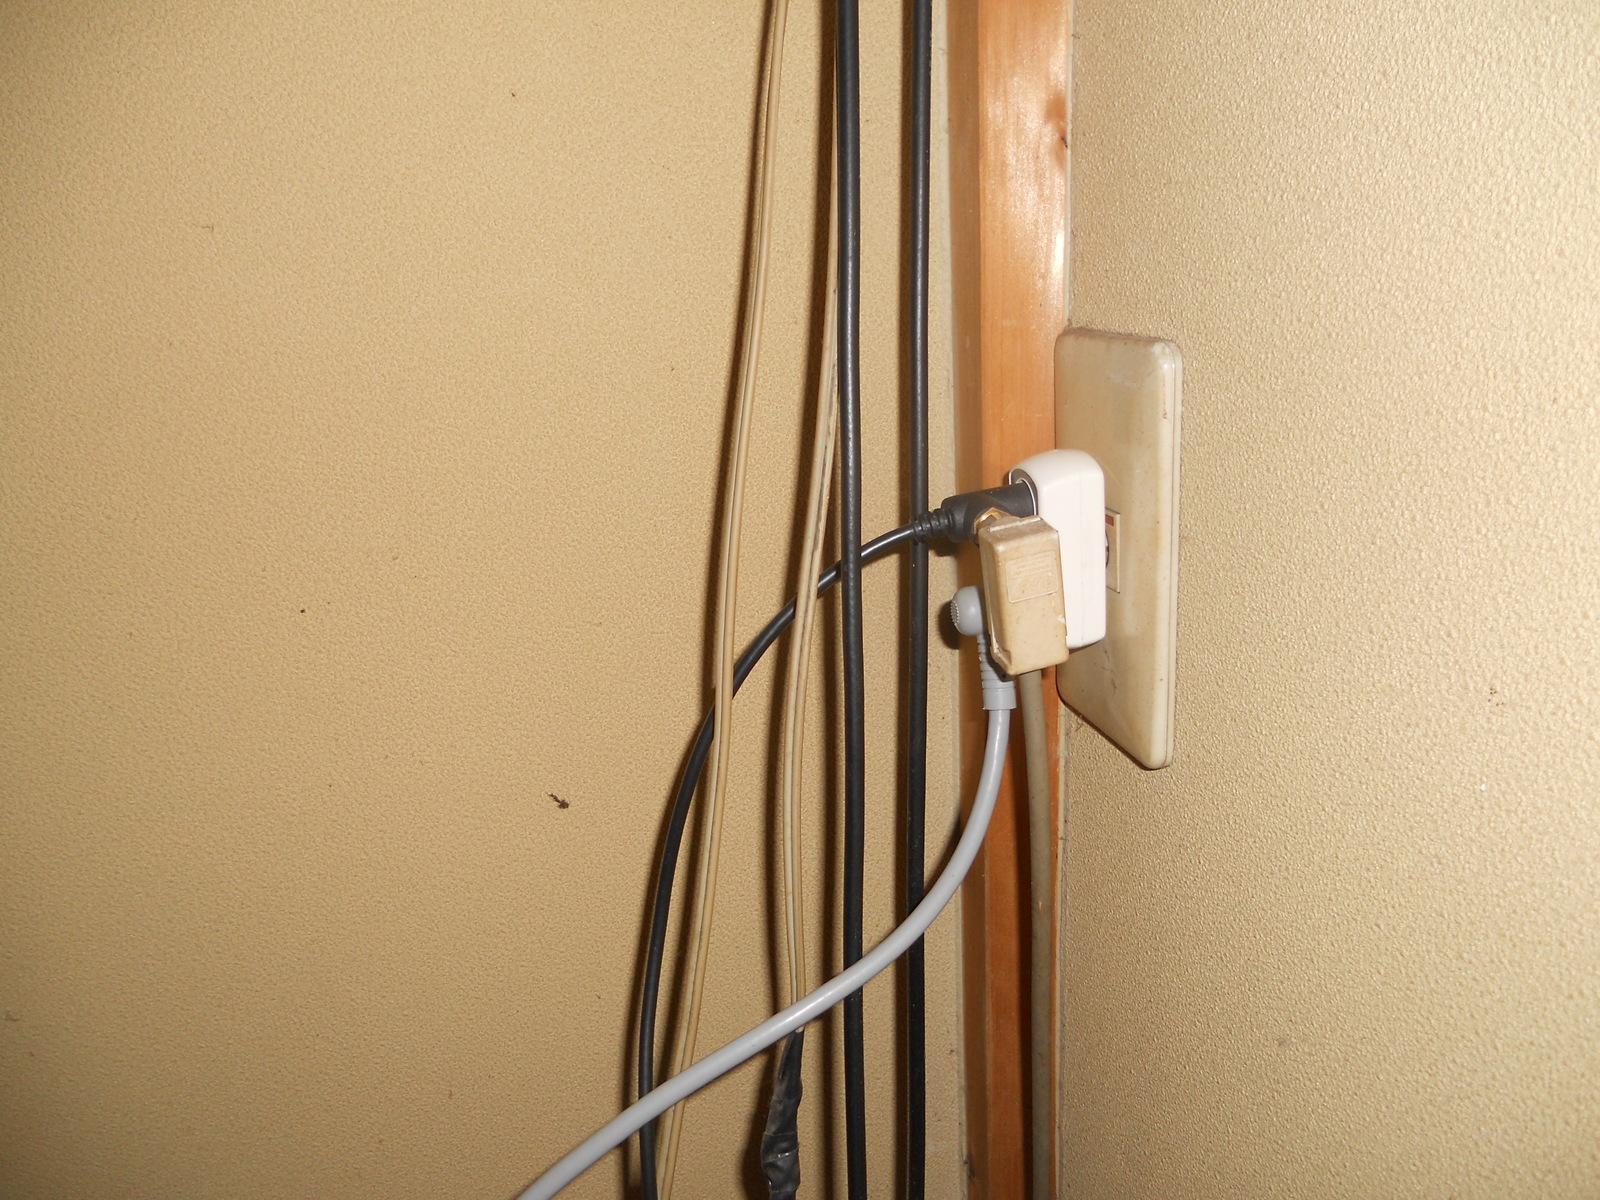 2011年の年末大掃除[2] – ブルーレイレコーダーにアンテナ配線!